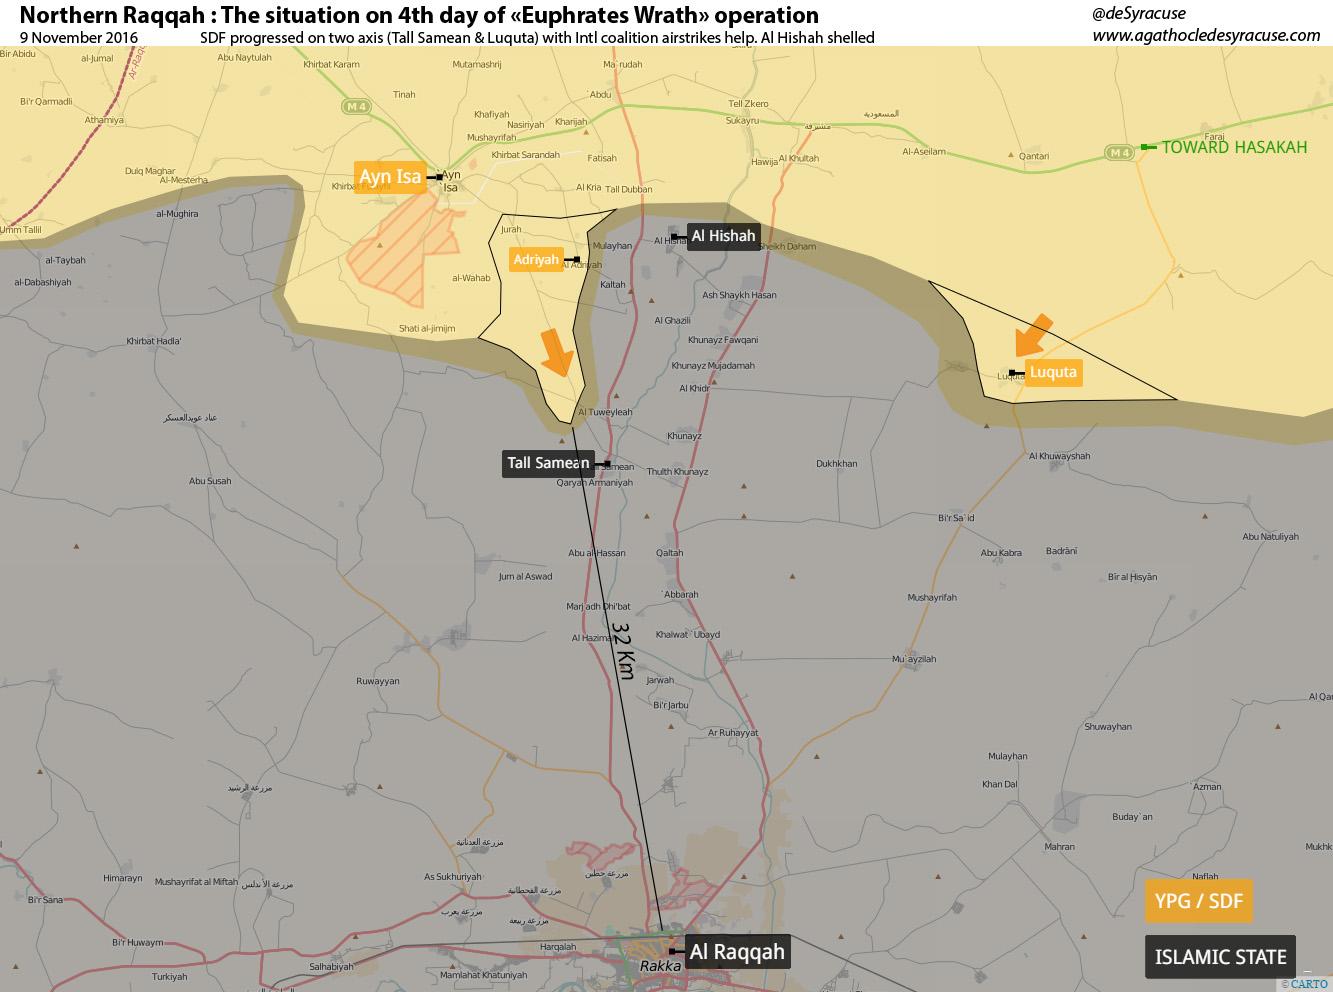 Карта: Наступление SDF на столицу ИГ в Сирии - Ракку